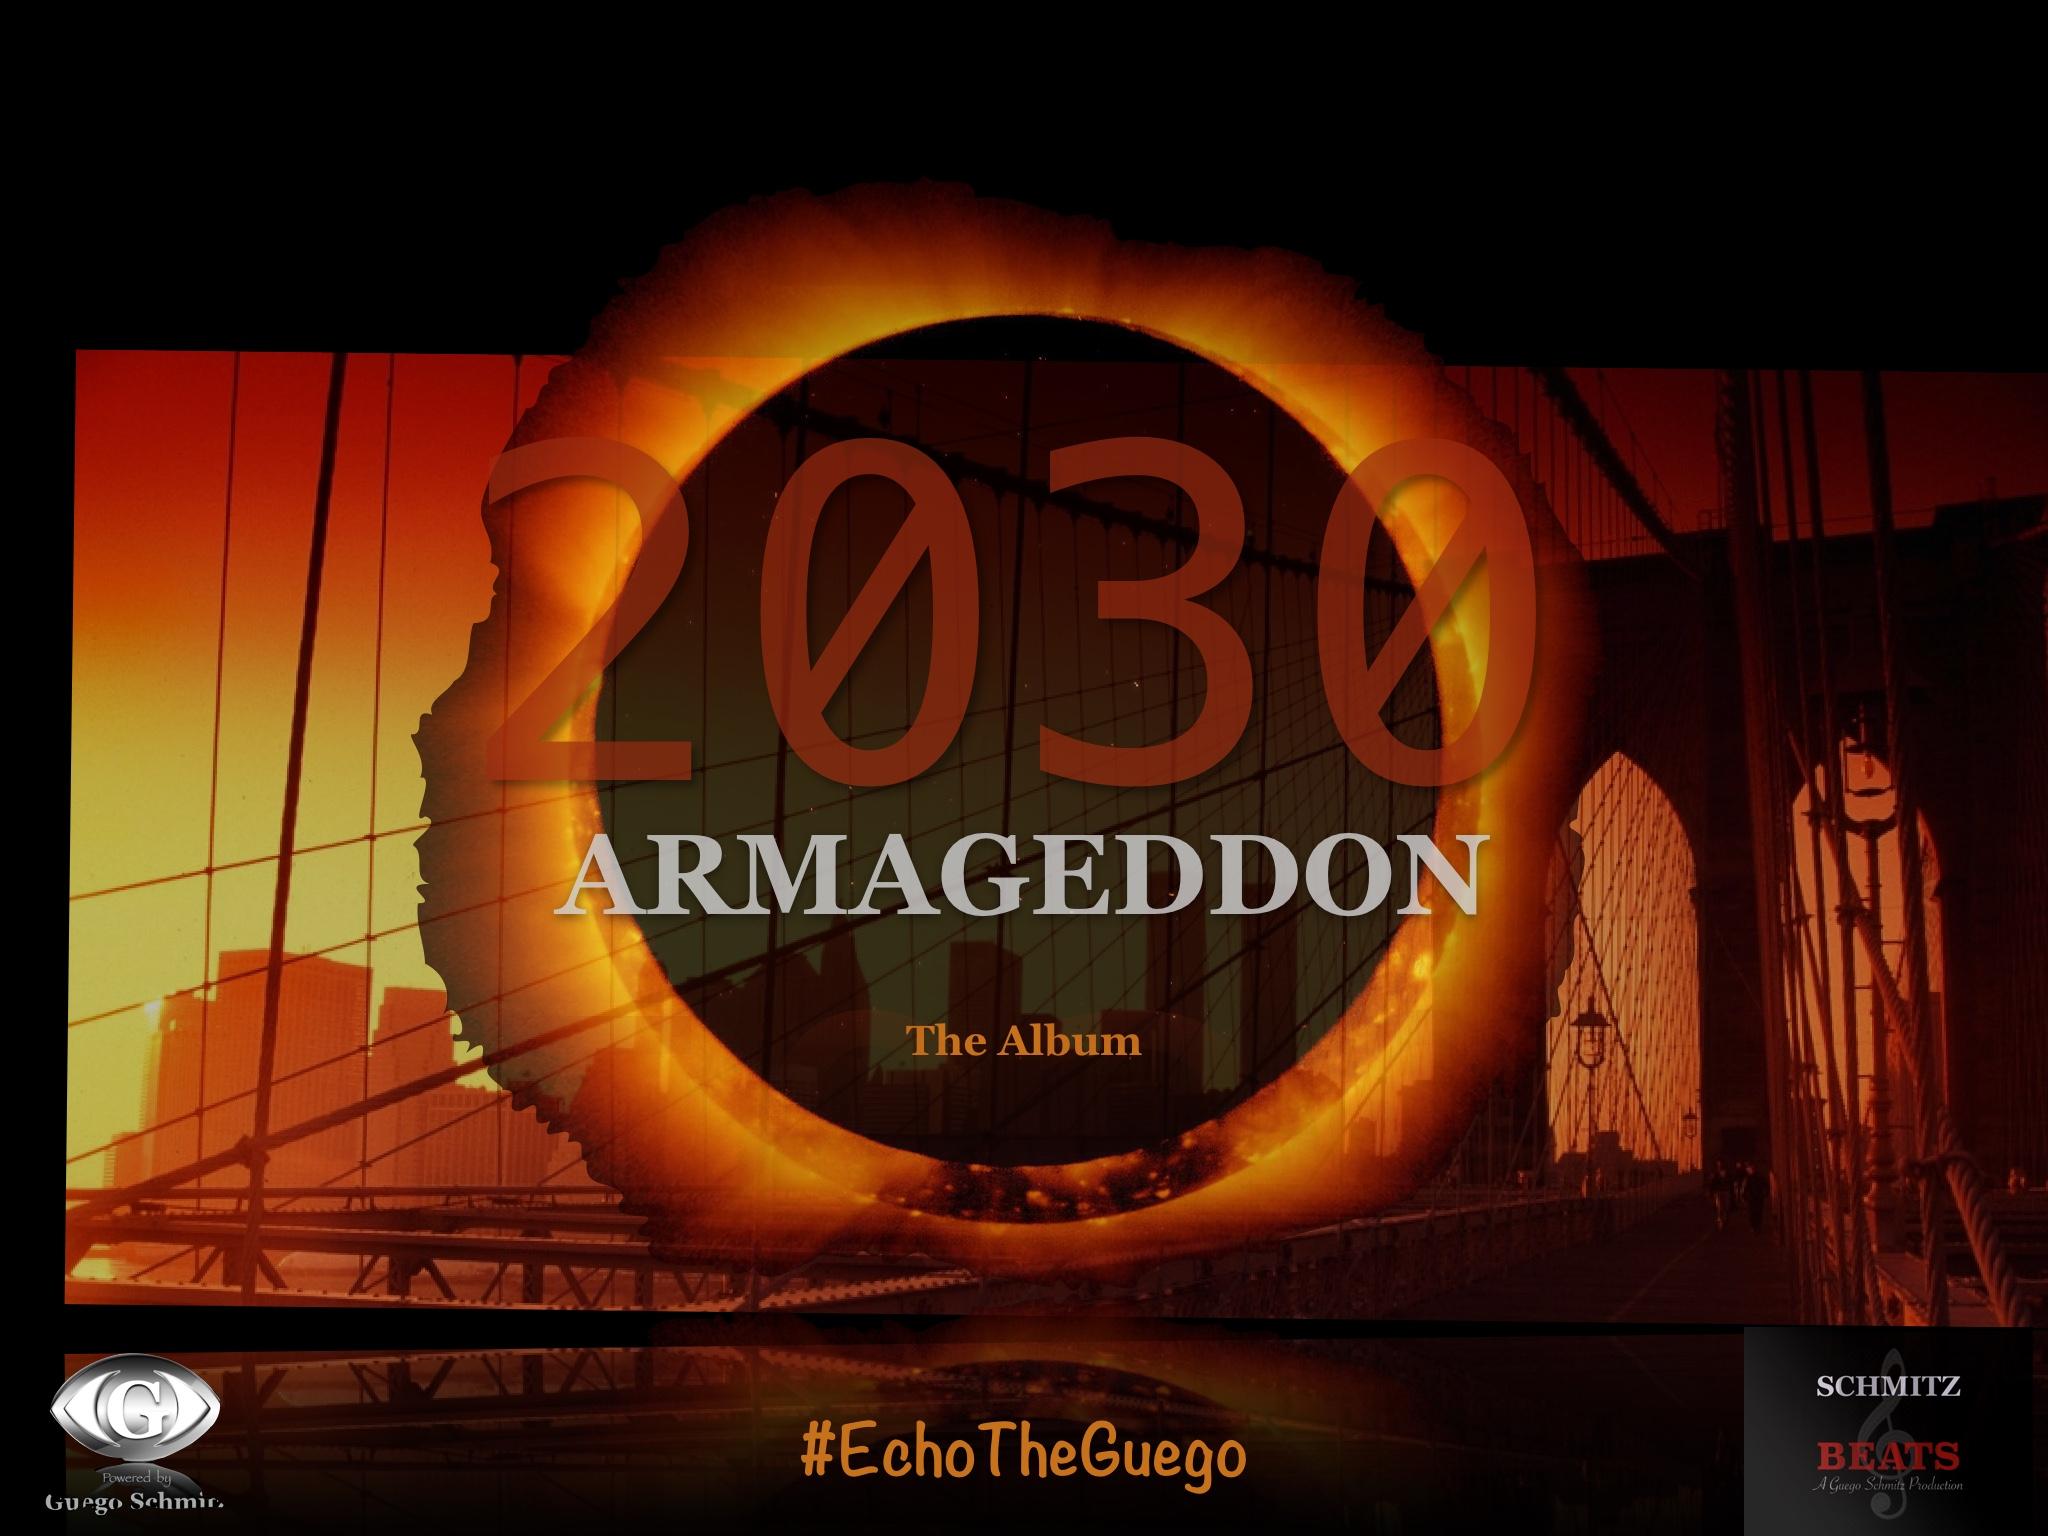 2030 Armageddon